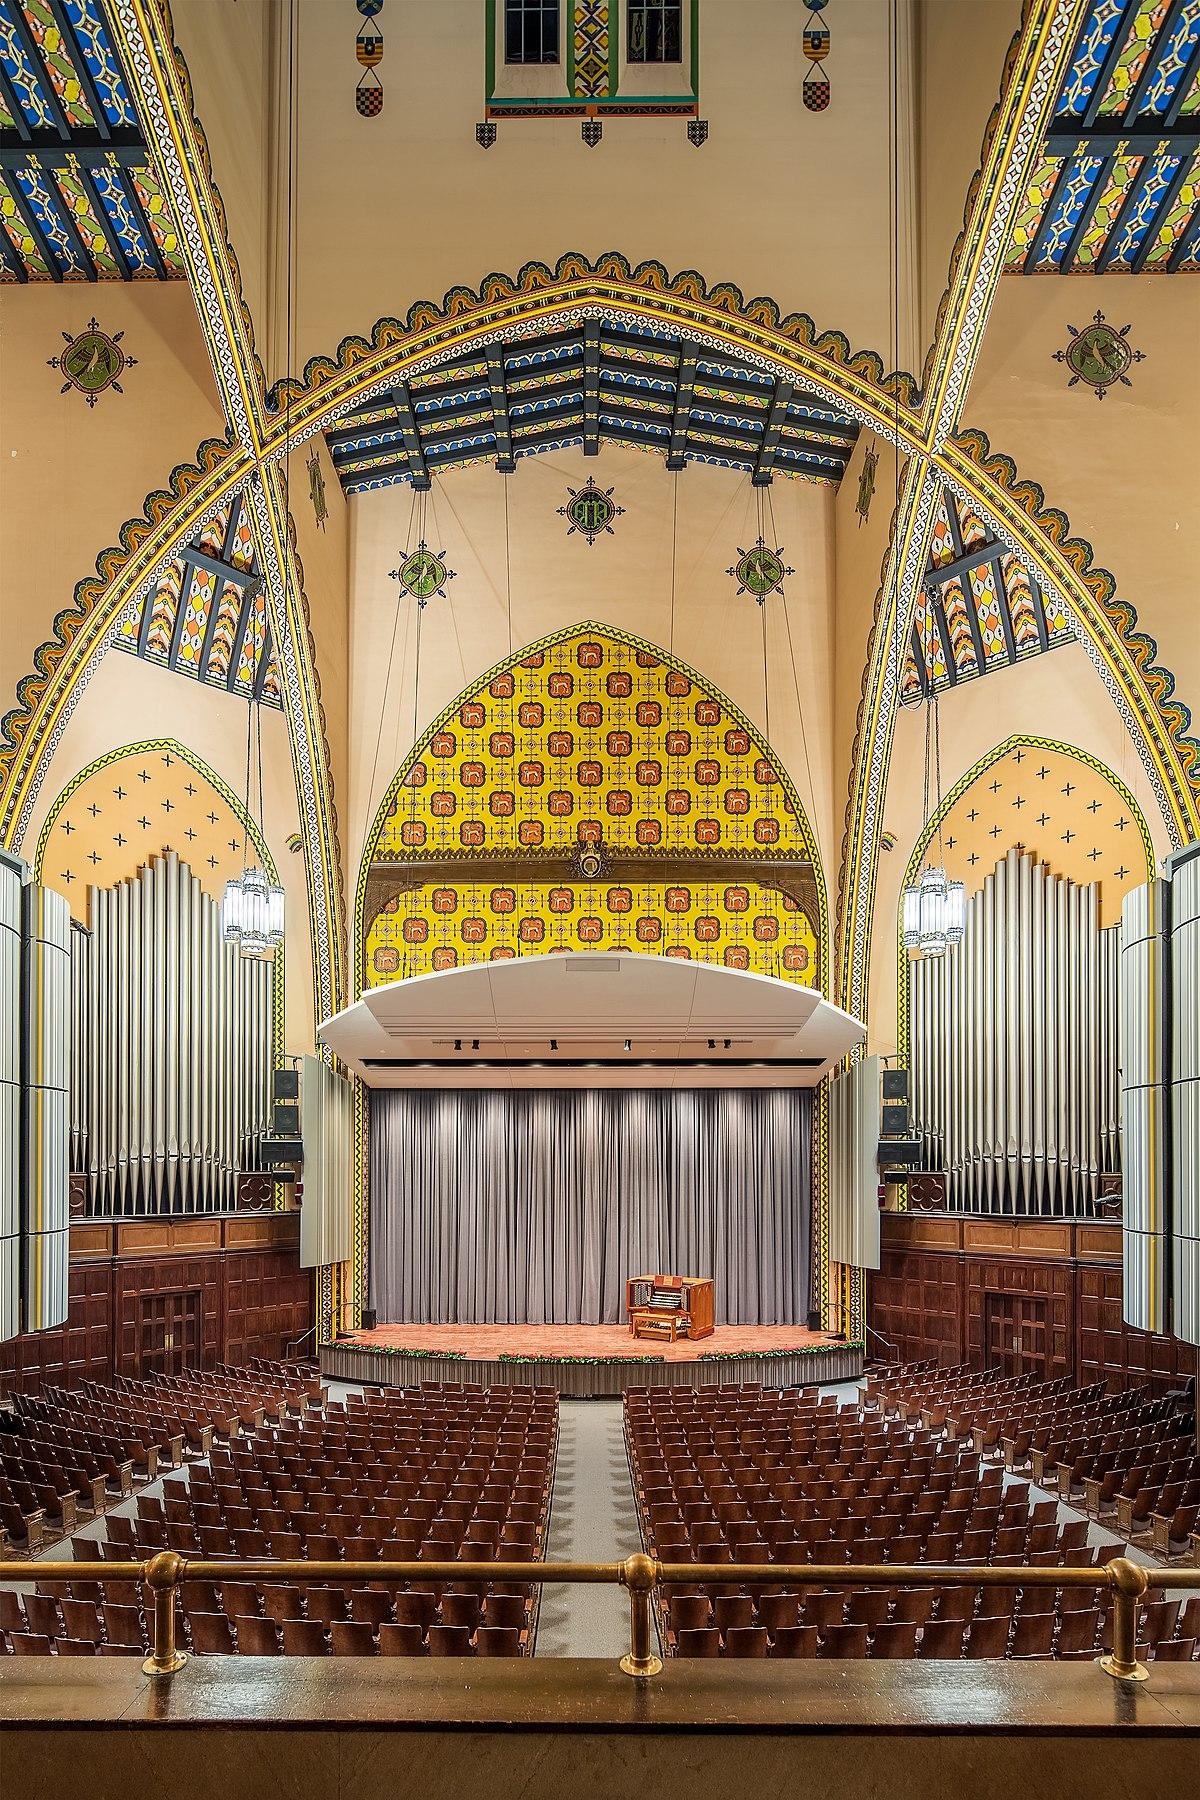 Irvine Auditorium Wikipedia - Seating Area